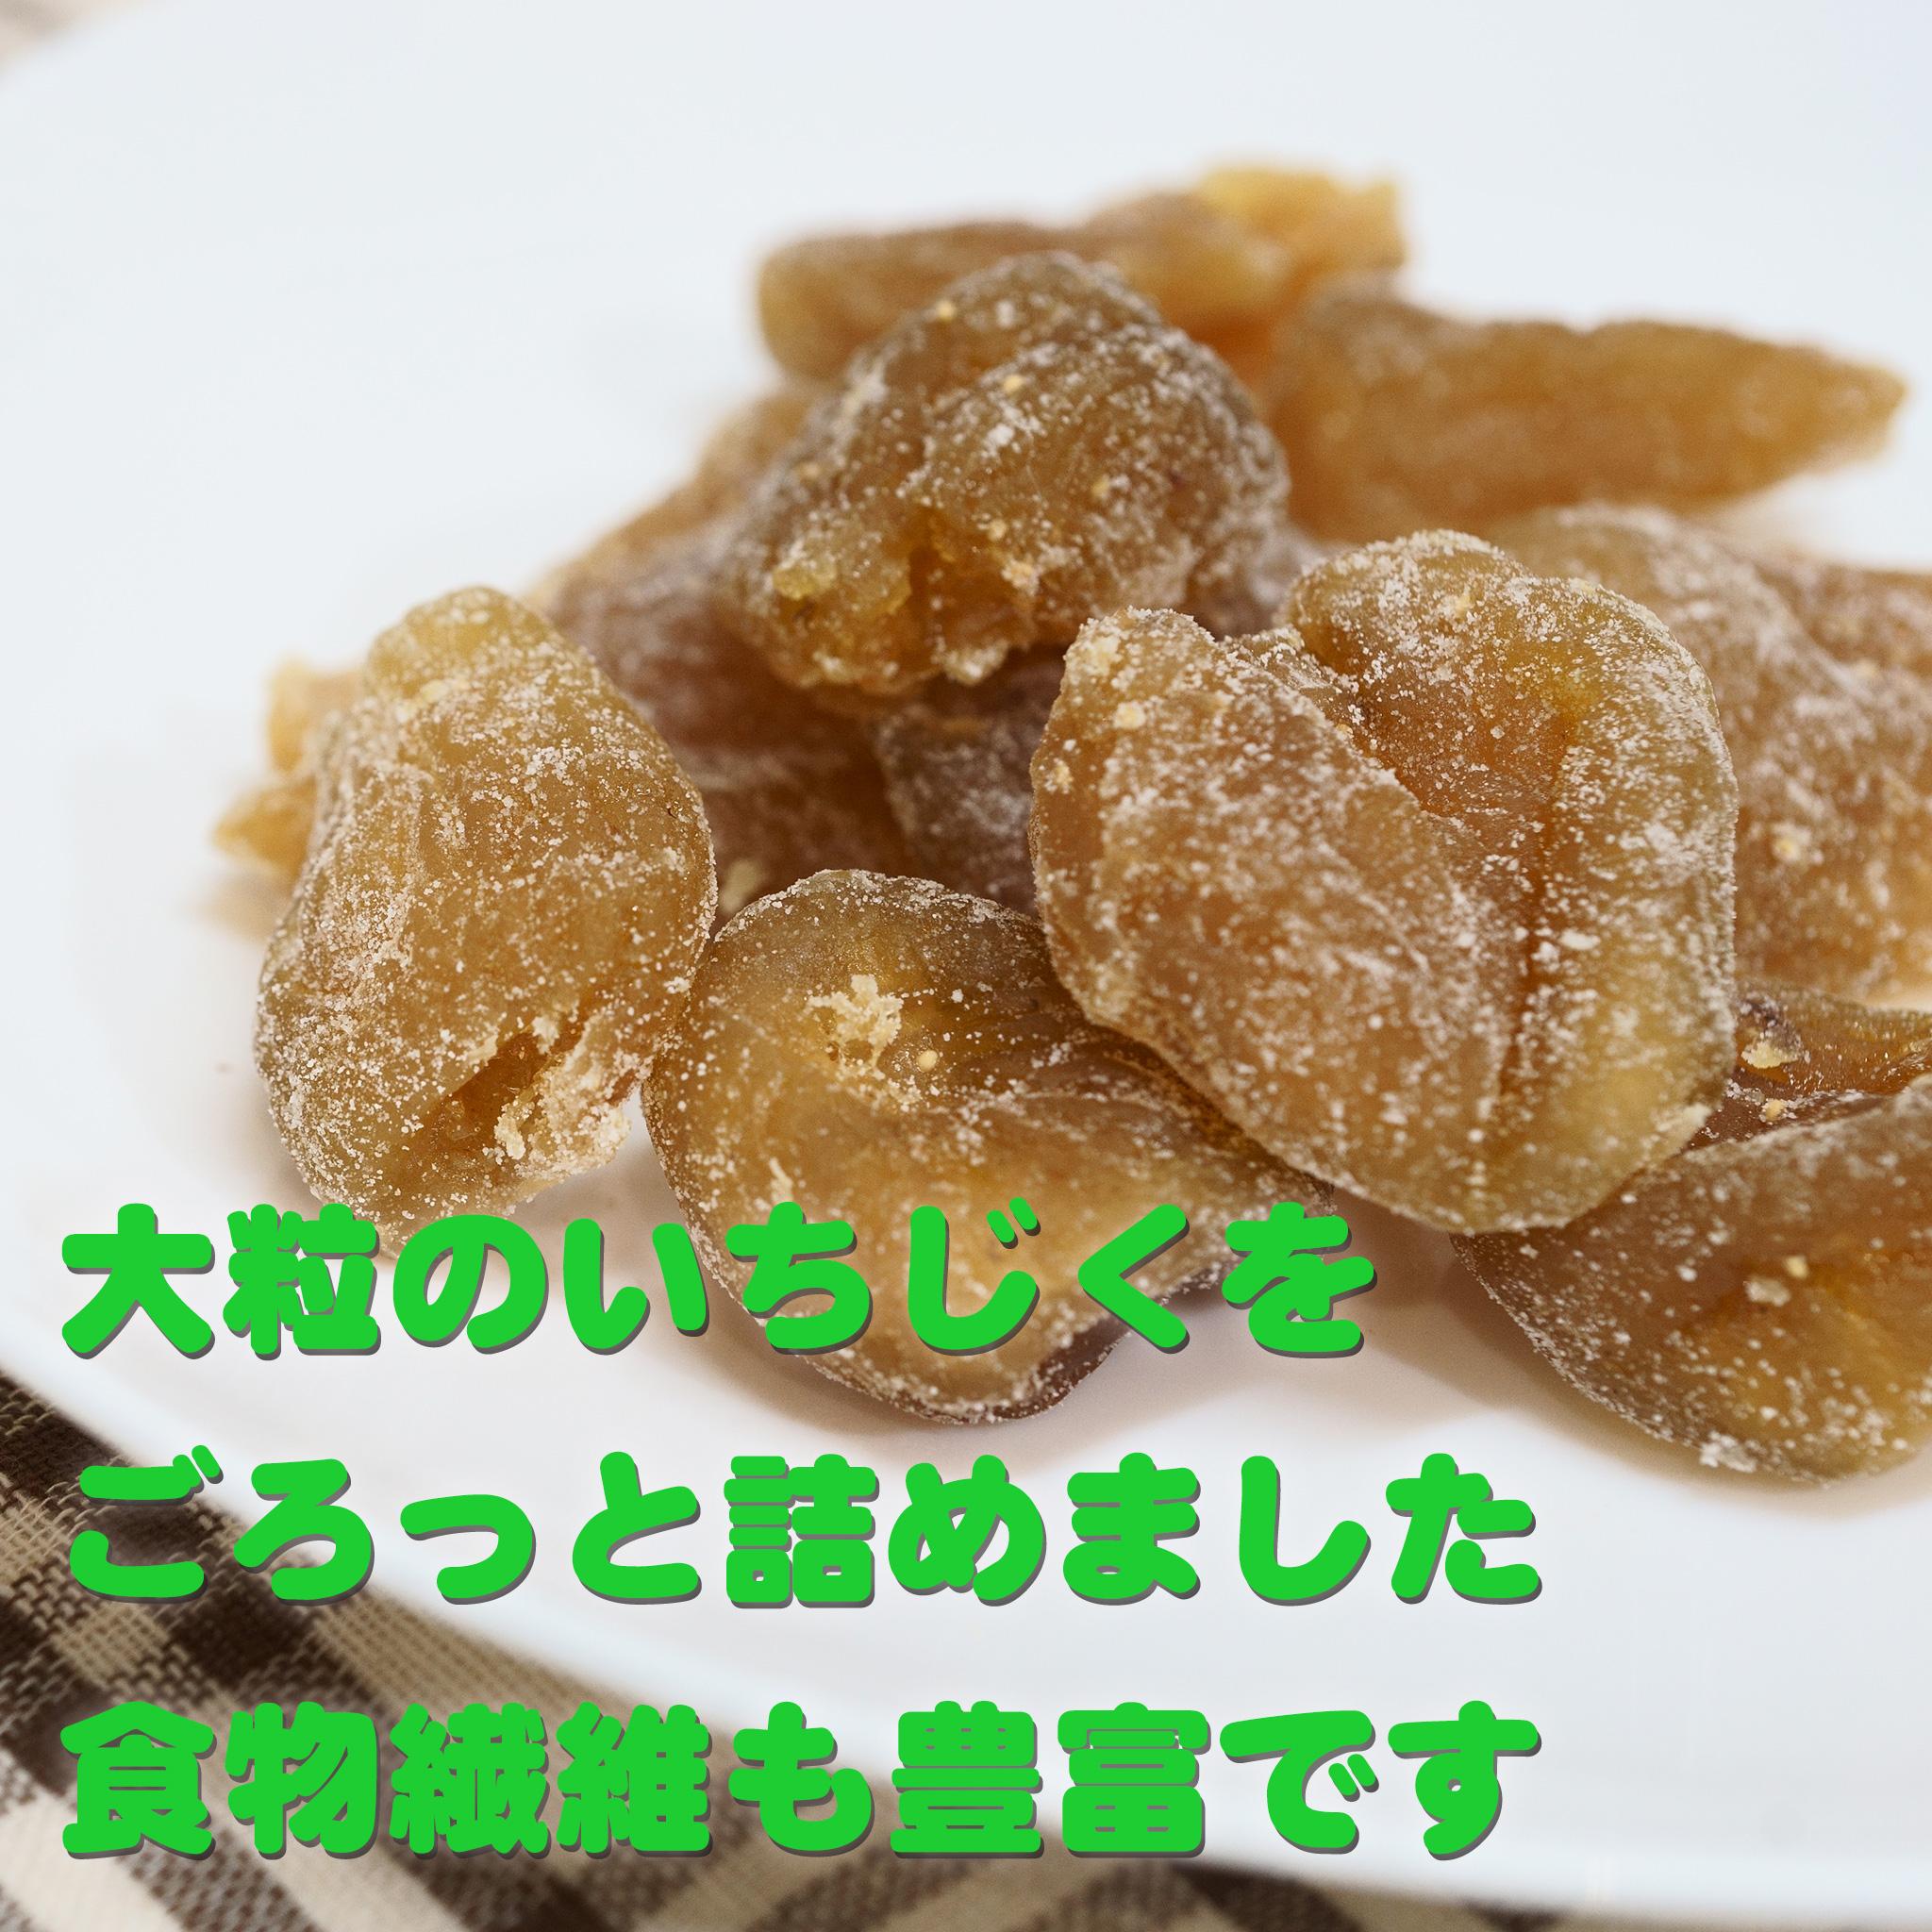 いちじくの甘納豆 お土産 ドライフルーツ